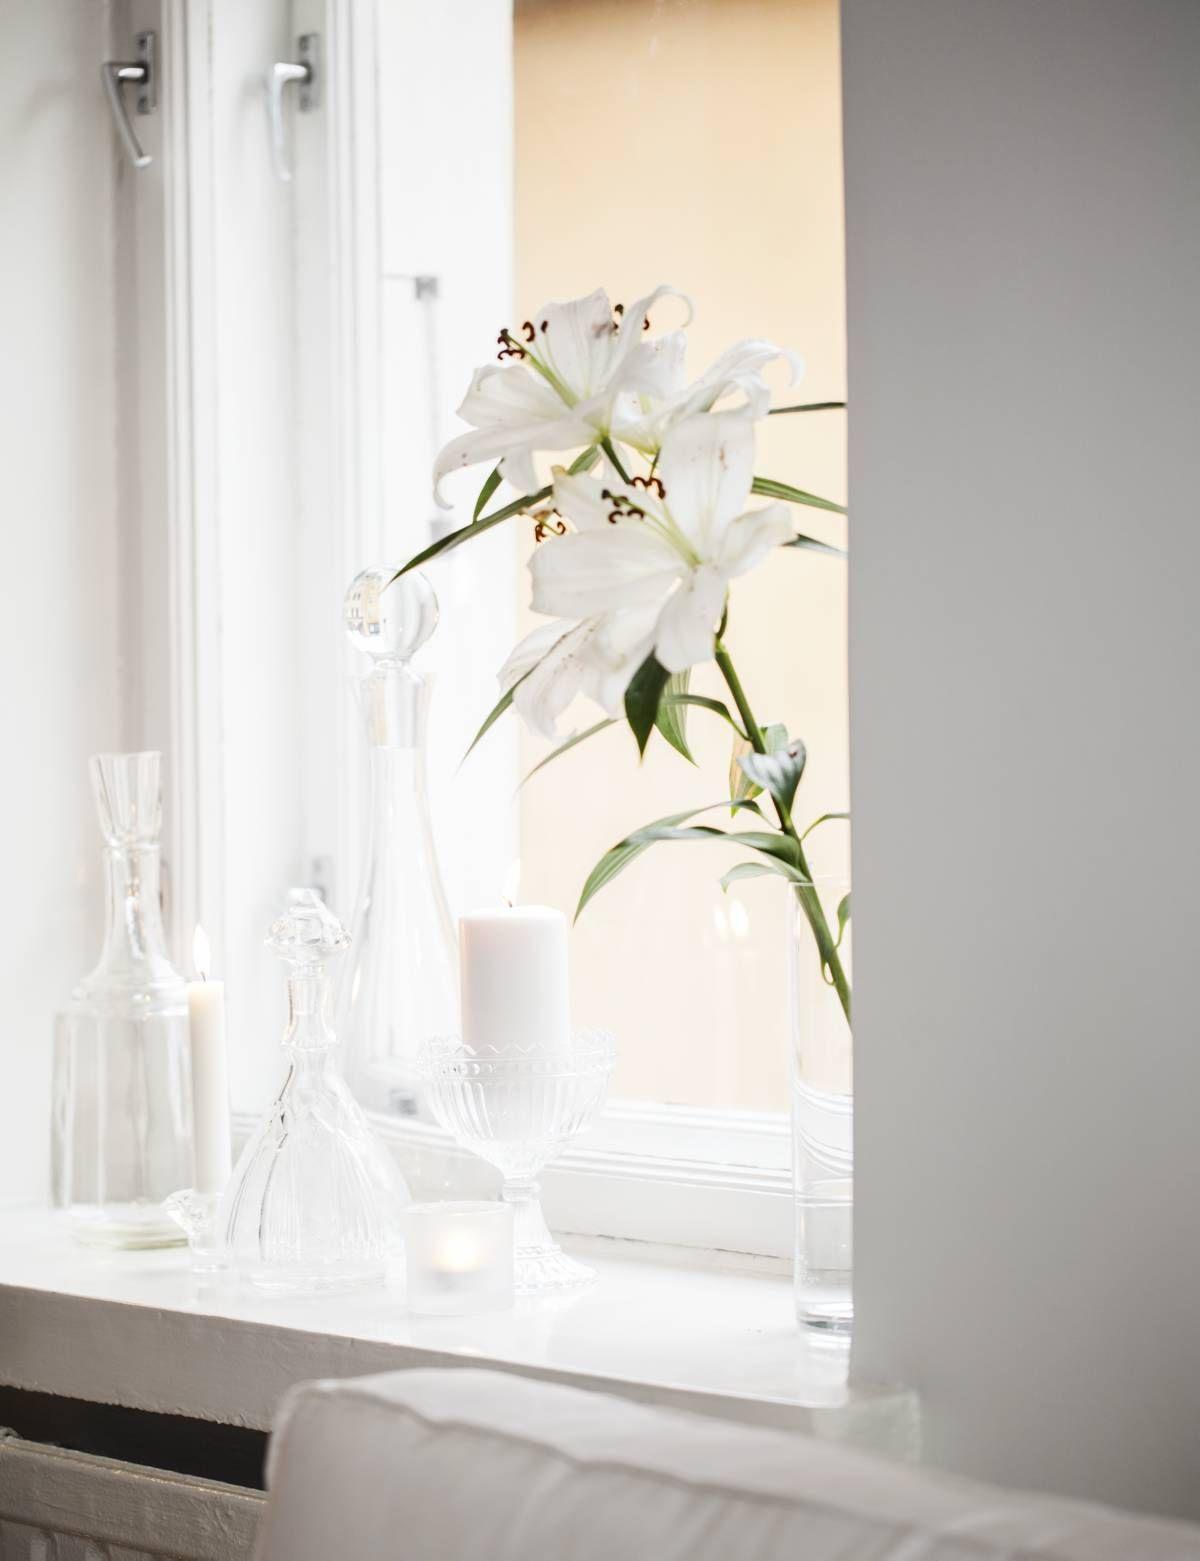 Ikkuna-lautaa somistavat Annan mieheltään saama kukka, Mariskooli ja kokoelma vanhoja lasipulloja, jotka ovat Annan ja Kimin suvun peruja.